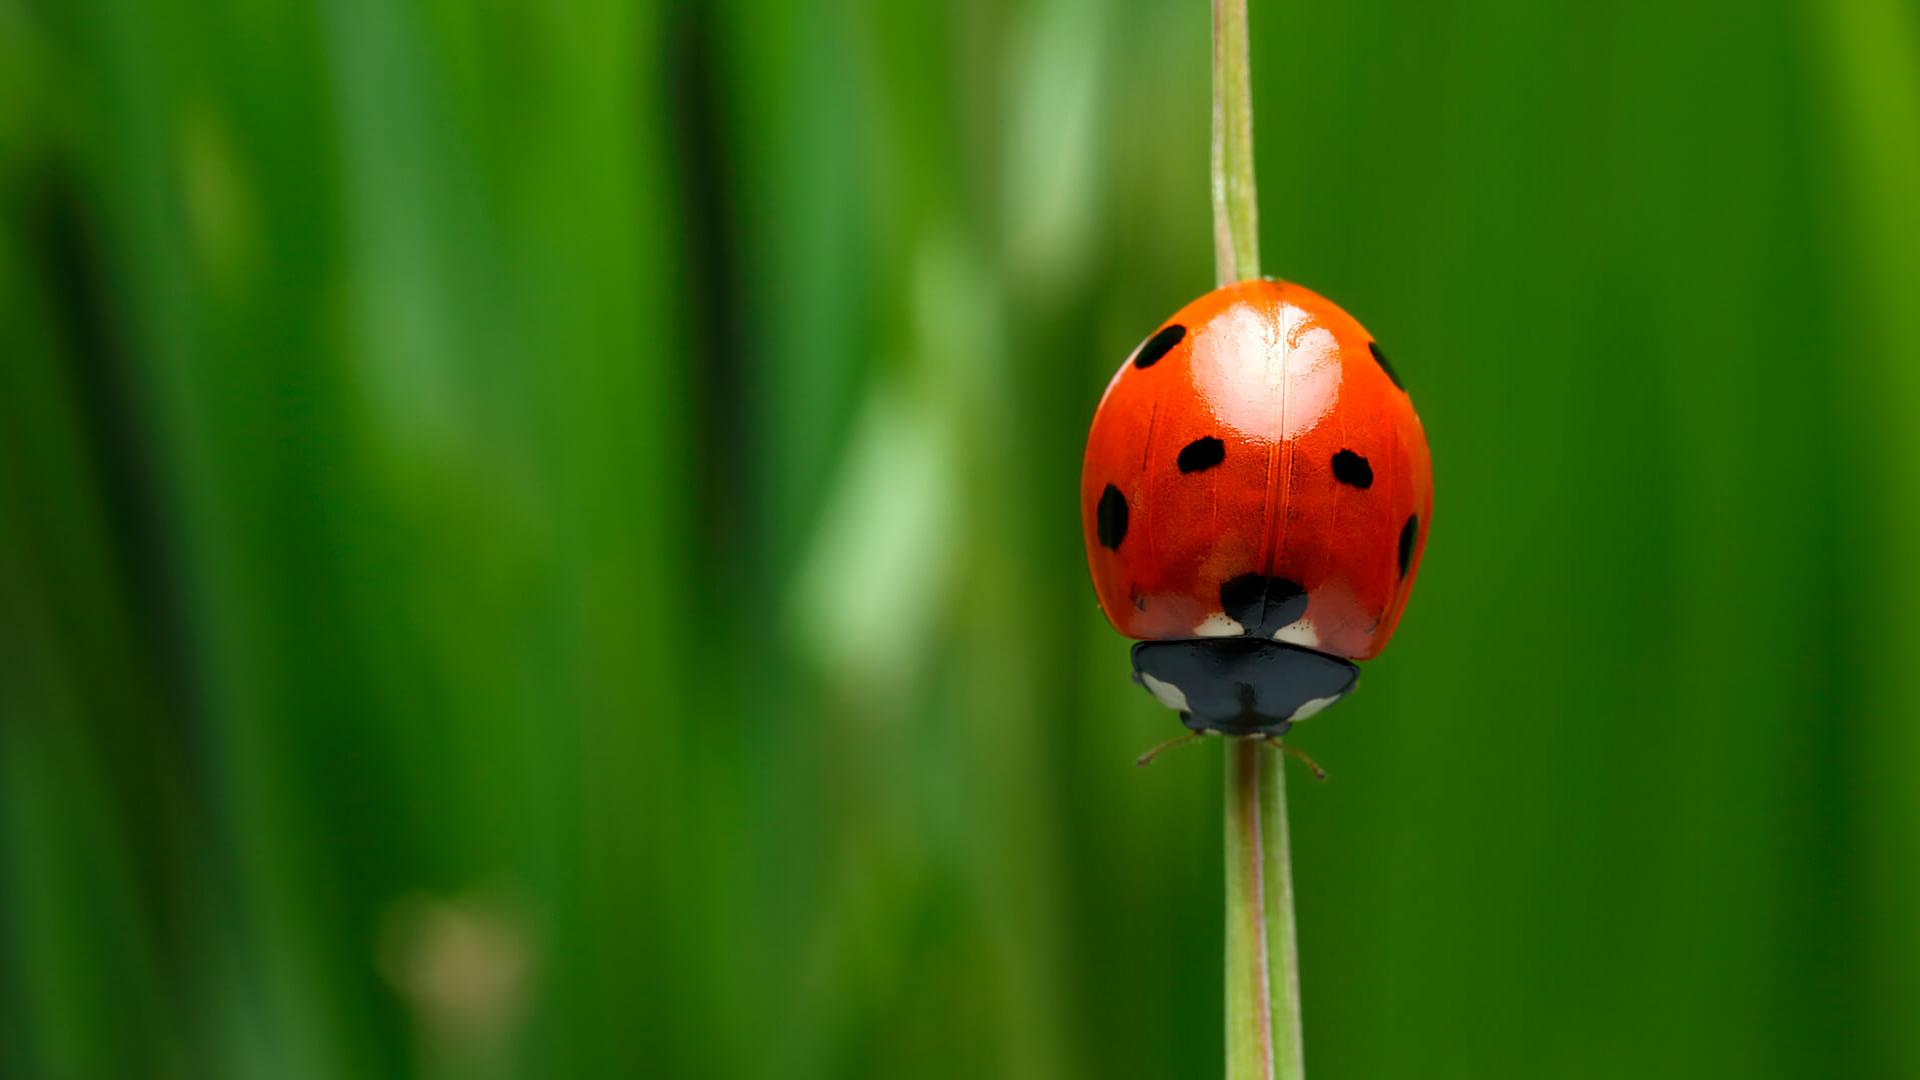 Images of Ladybug | 1920x1080